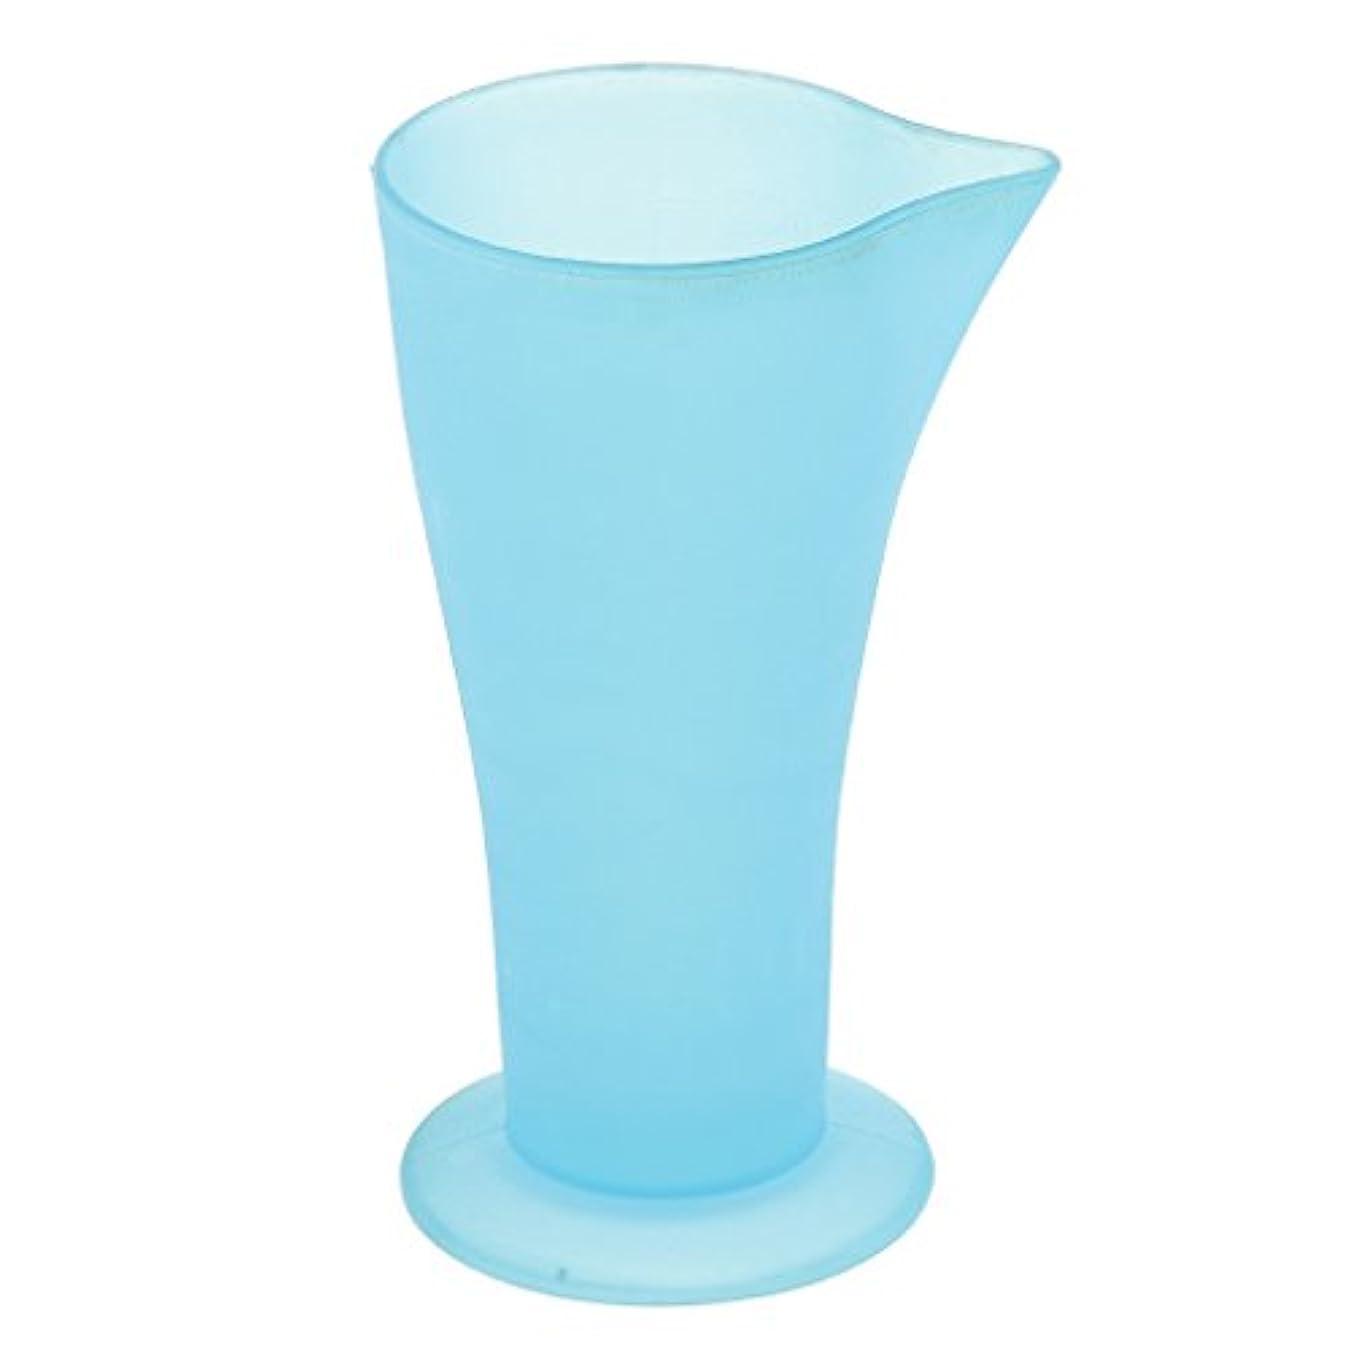 メイエラ暫定の委員会Kesoto 計量カップ ヘアダイカップ ヘアカラーカップ ヘアダイ容器 ブルー プラスチック 再使用可能 髪型 サロン 髪の色合い 色測定カップ